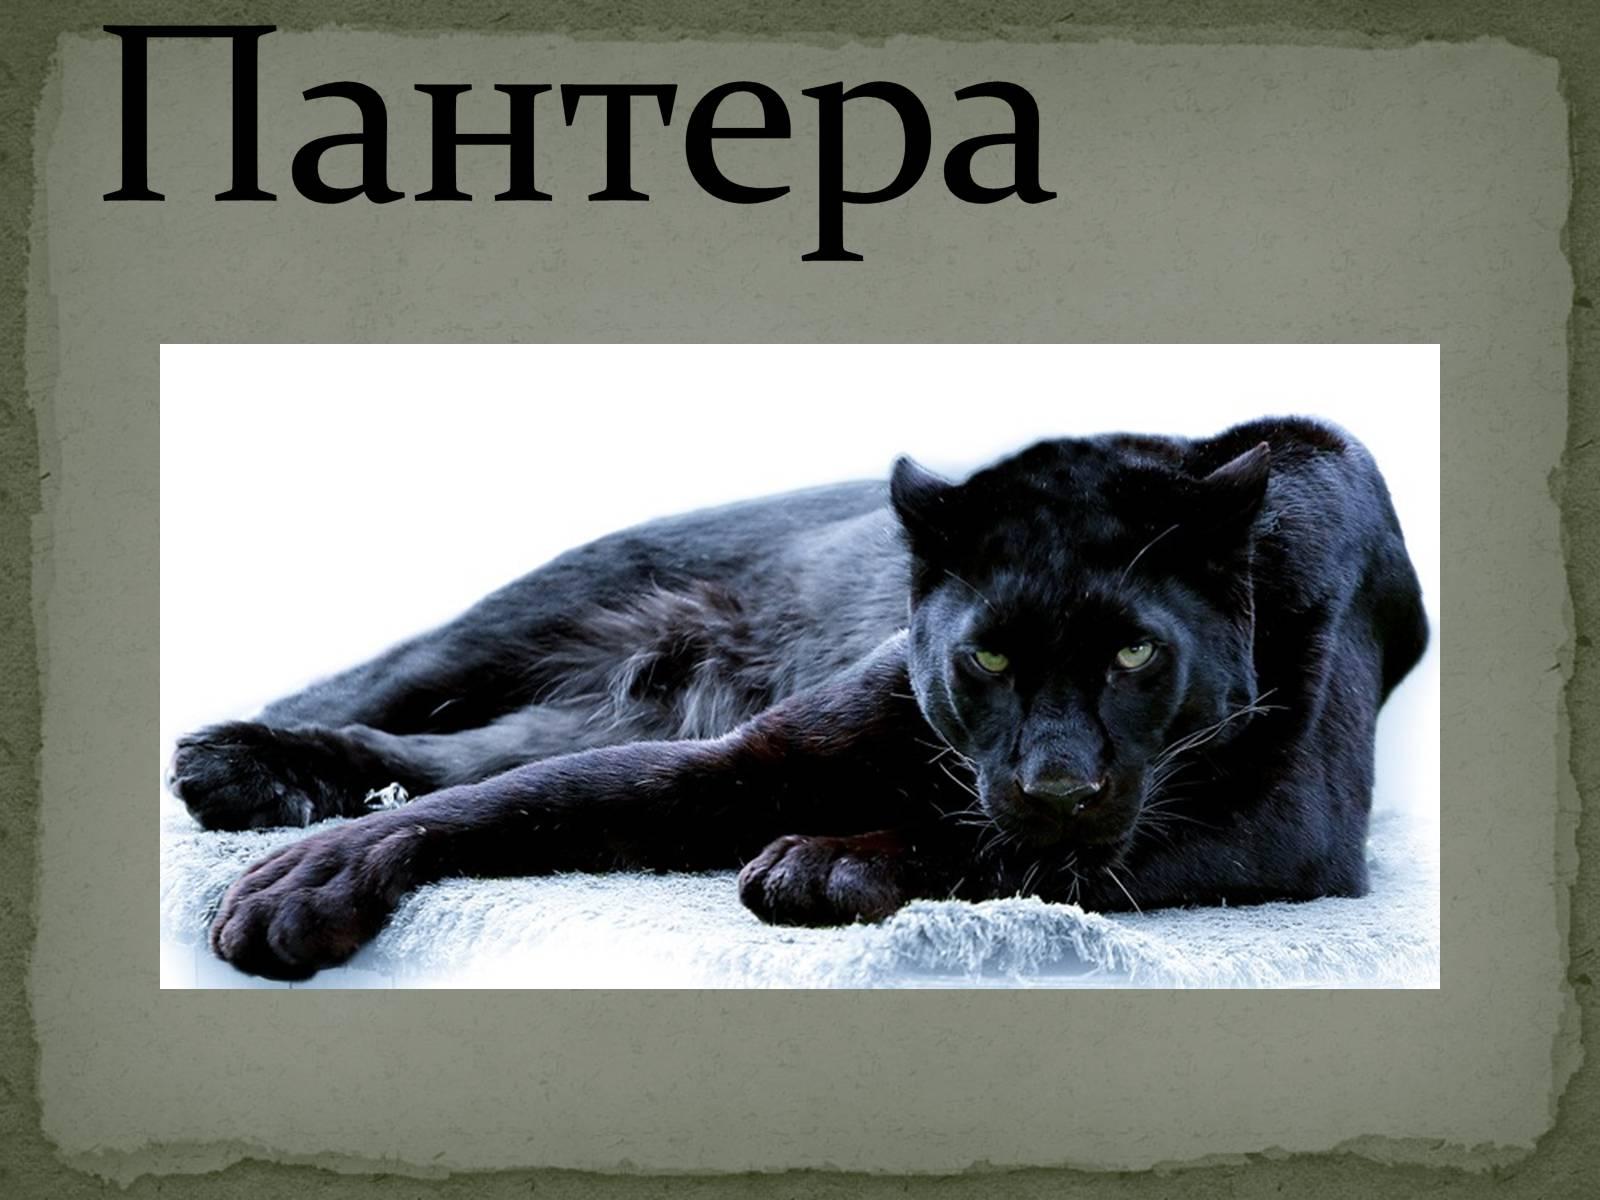 Картинка пантера с надписями, картинки танком открытки